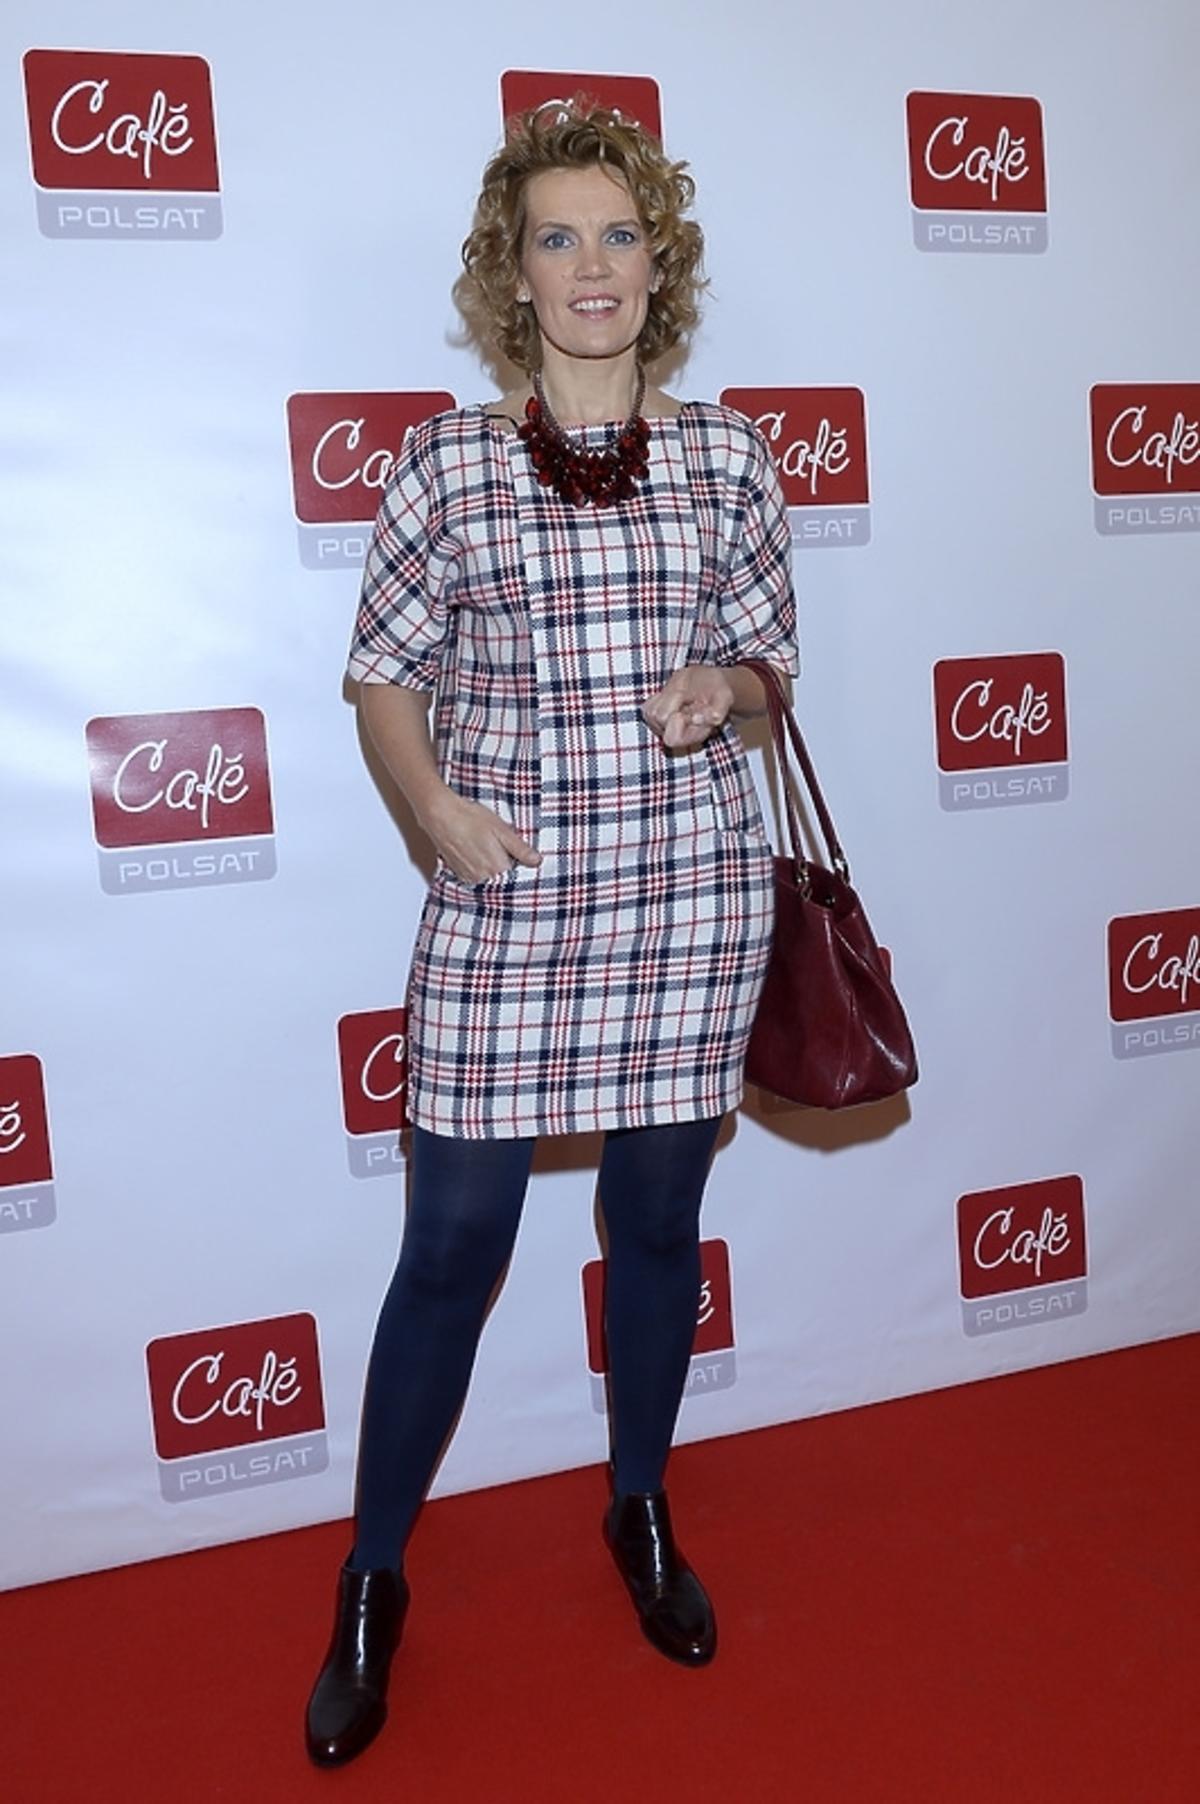 Dorota Chotecka na prezentacji jesiennej ramówki i 5 urodzinach Polsat Cafe